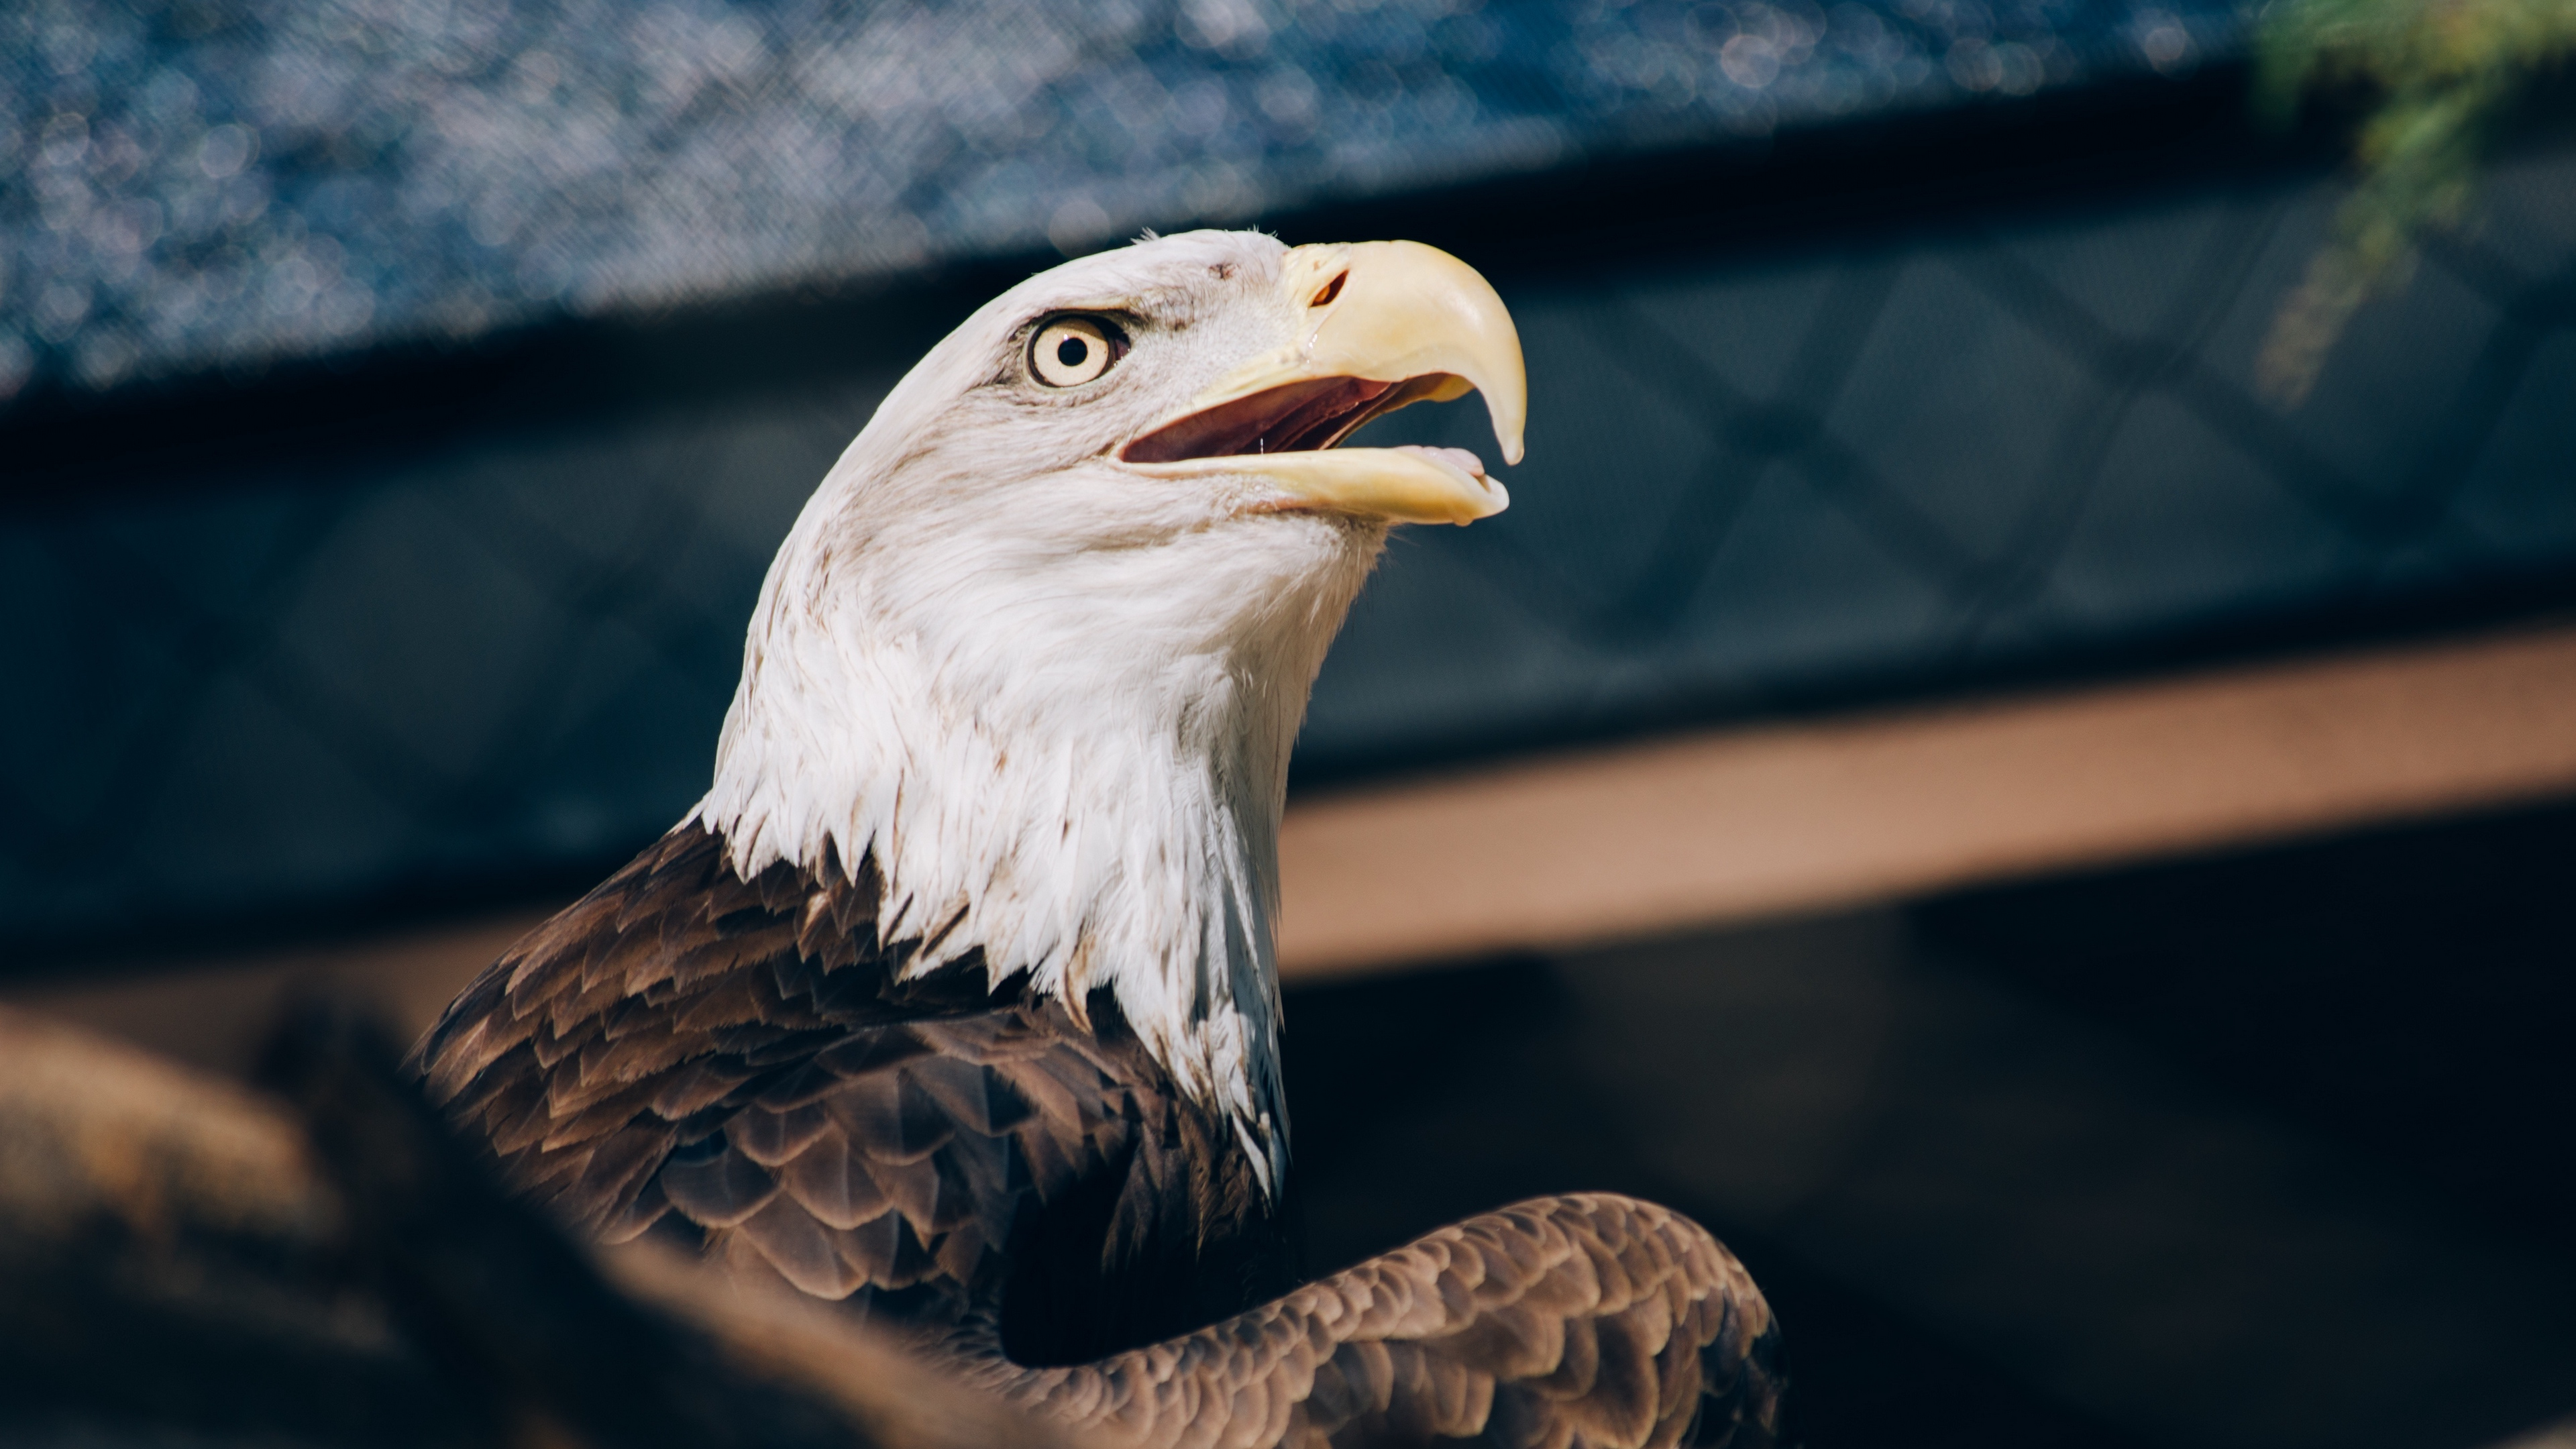 bald eagle eagle bird beak predator 4k 1542242012 - bald eagle, eagle, bird, beak, predator 4k - Eagle, Bird, bald eagle